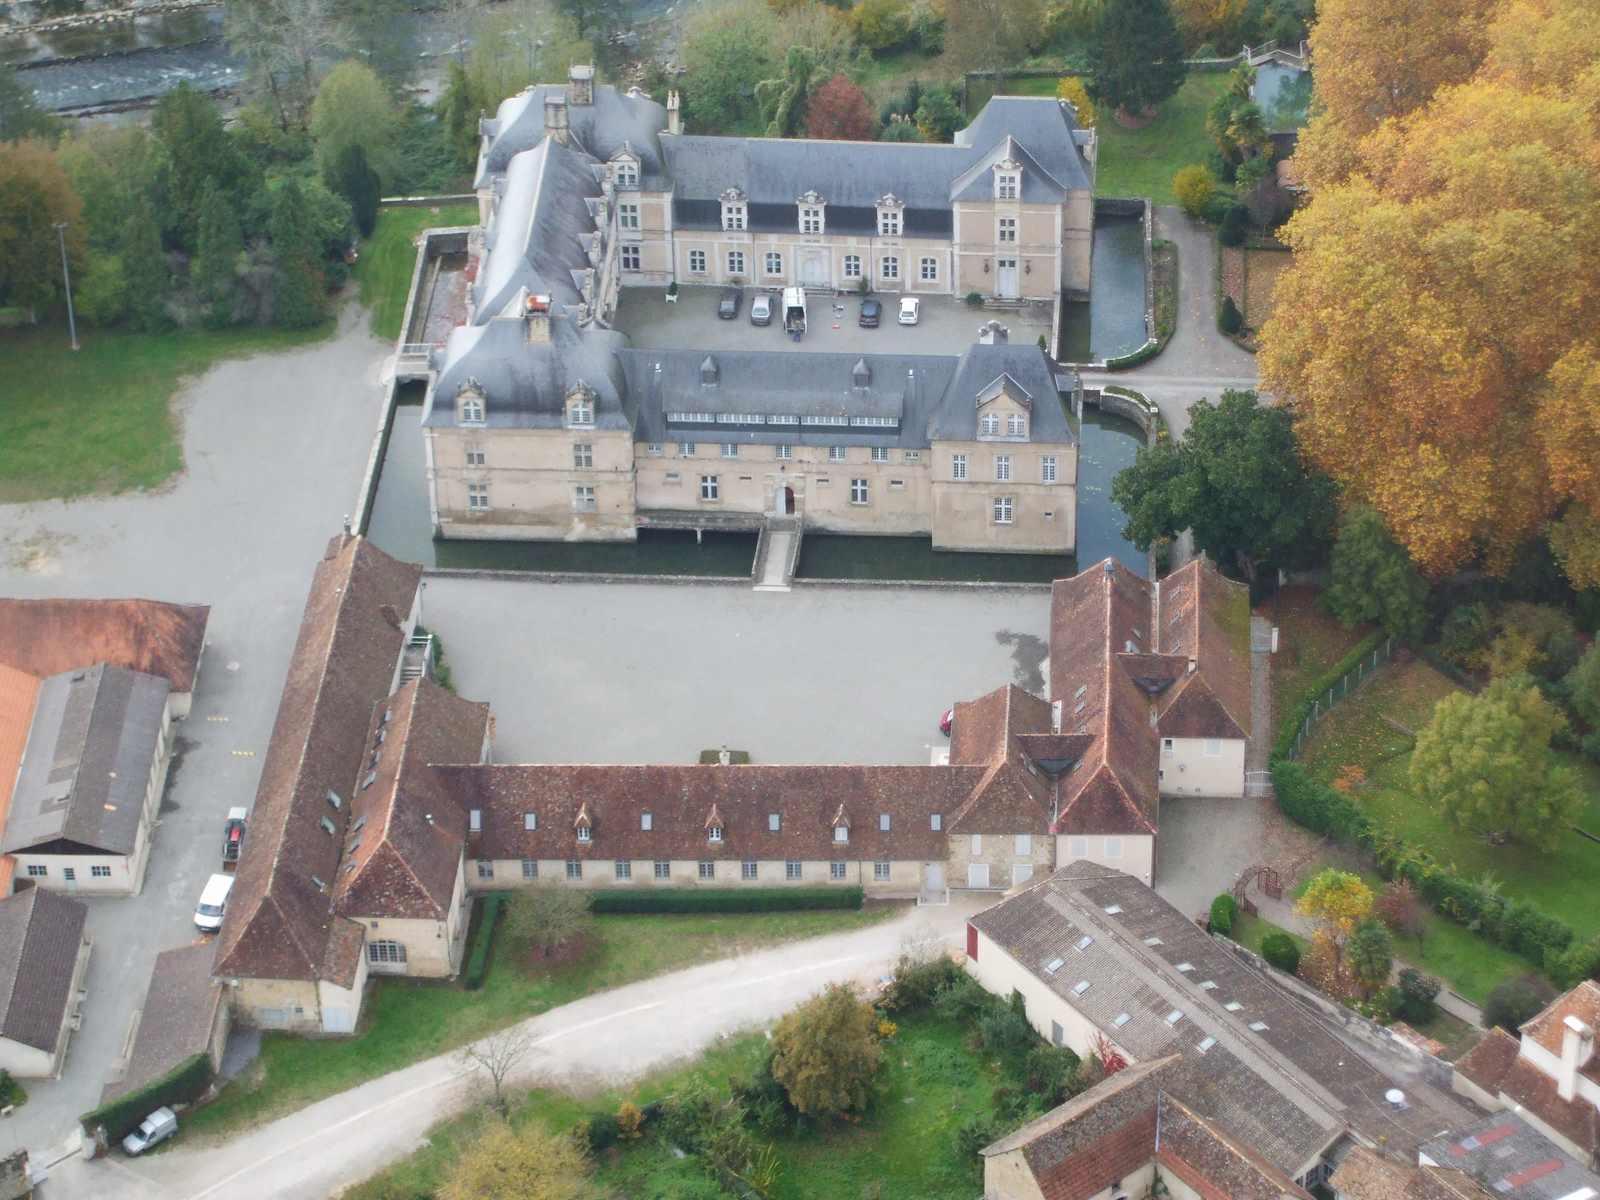 vue aérienne de l'ensemble du château d'Audaux